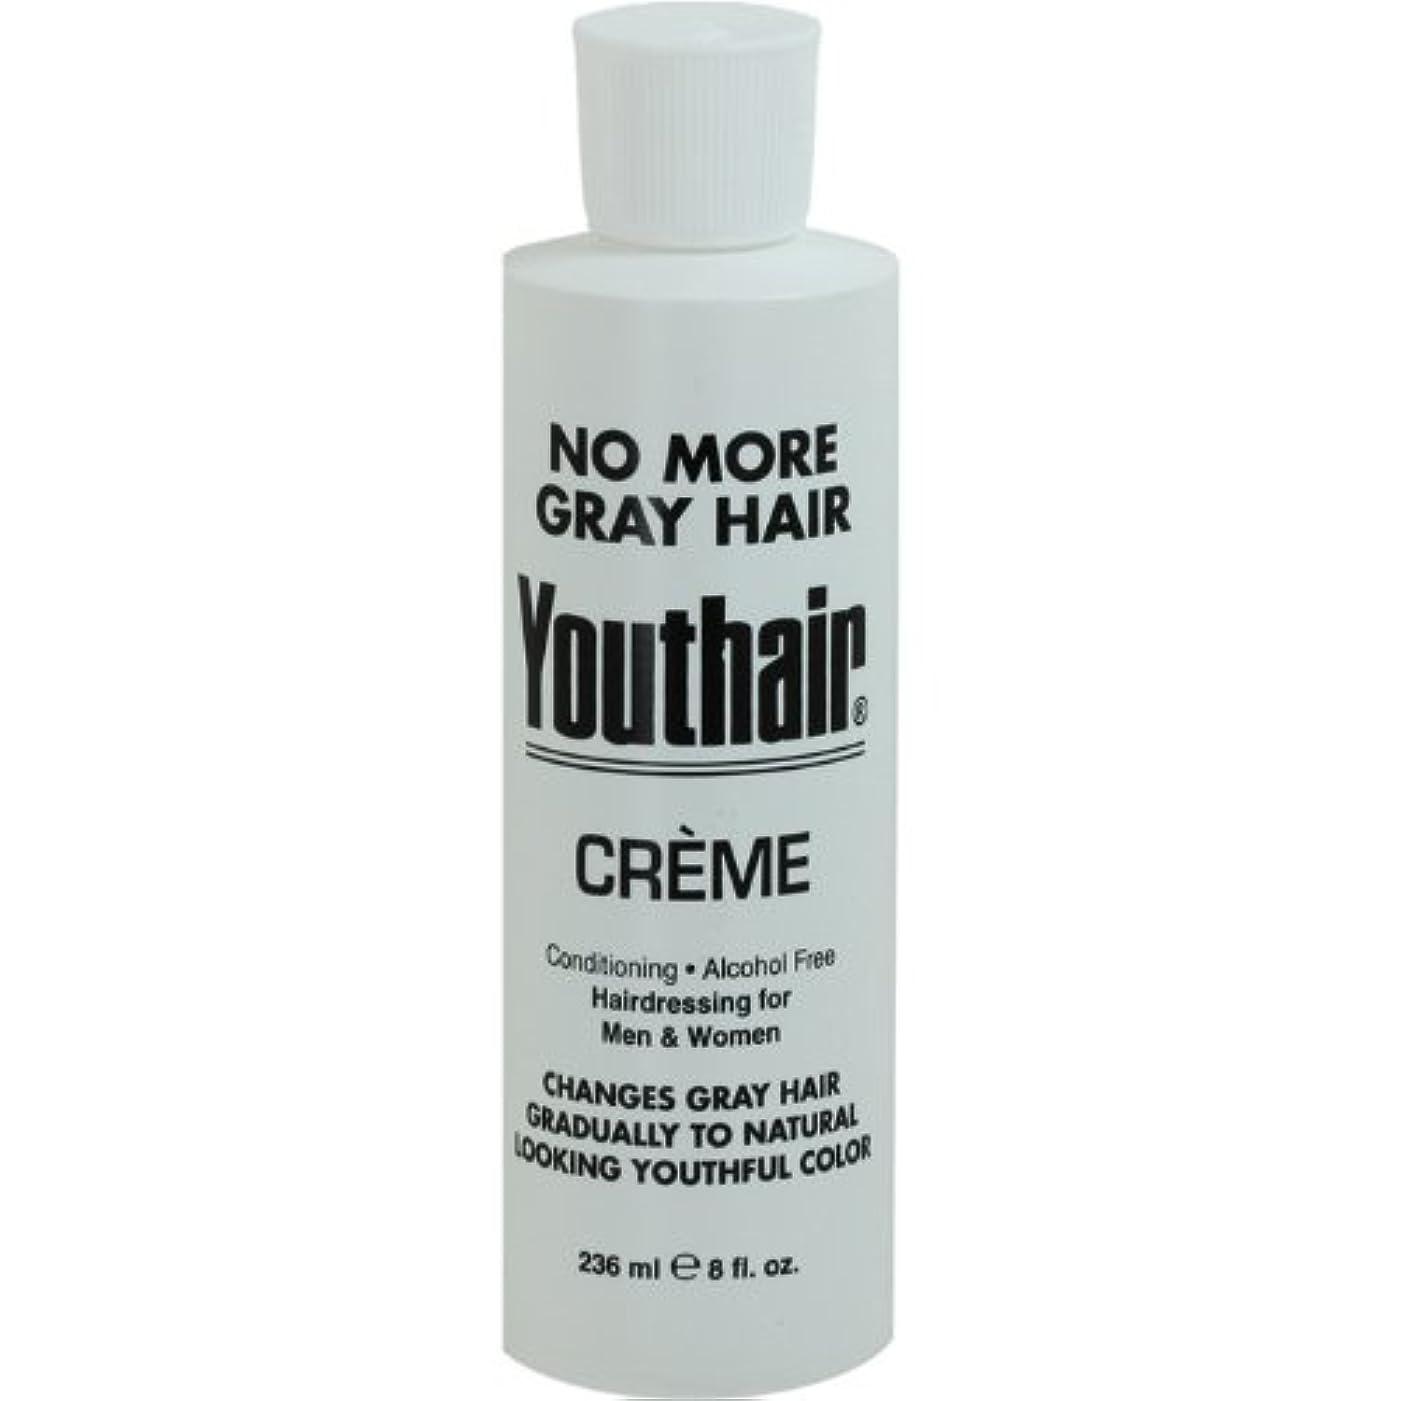 スイス人まもなくキルトYouthair Creme, Round Bottle, 8 Ounce by Youthair